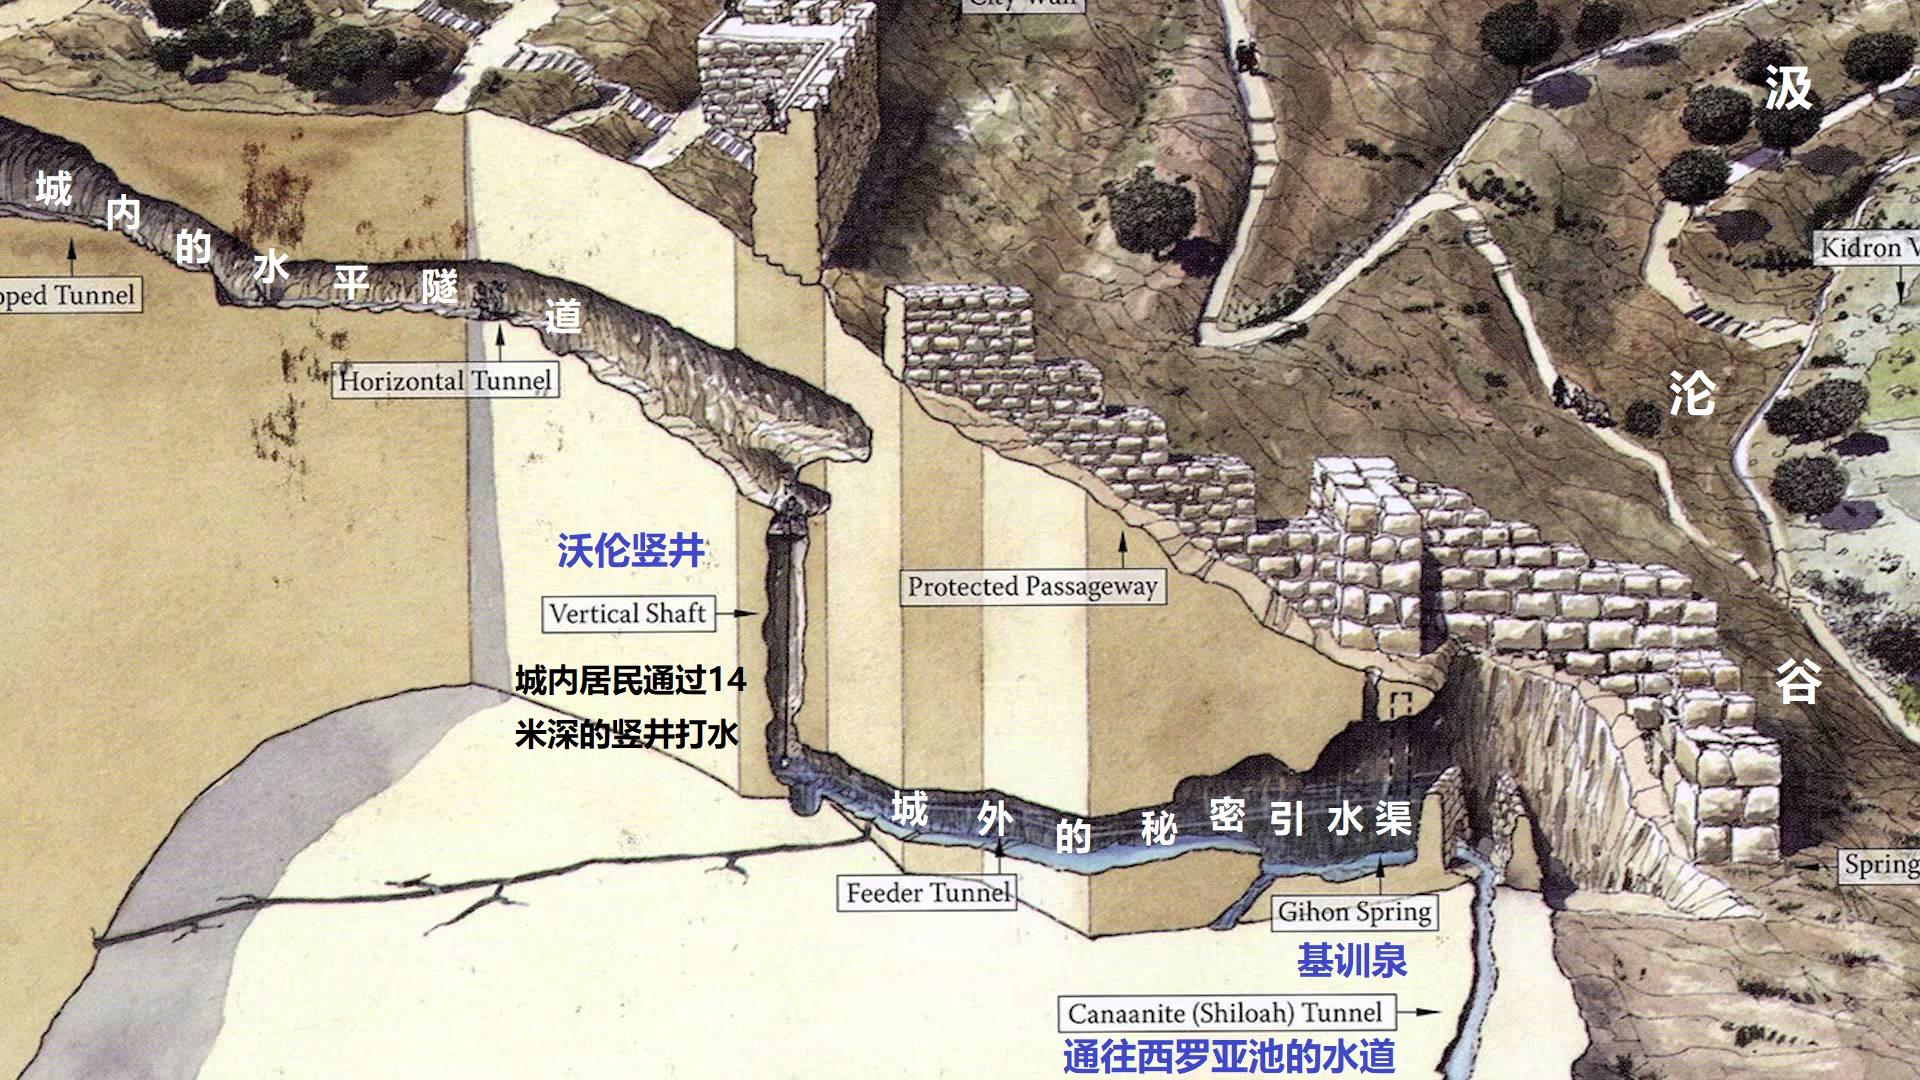 上图:从基训泉引水入城的沃伦竖井(Warren's Shaft)。1867年,英国工程师查尔斯·沃伦爵士(Charles Warren)发现有一条水渠从基训泉经过20米到达一个池子,池子上方有一个从岩石中开凿出来的14米竖井,城里的人可以在竖井的顶部用绳子放下容器,从下面的水池打水。另有一条水平隧道从这个竖井延伸约39米通入城内。耶布斯人遇到敌人进攻时,不能到城墙外面打水,就通过这条隧道取水。约押和手下很可能就是从这条隧道进城的。